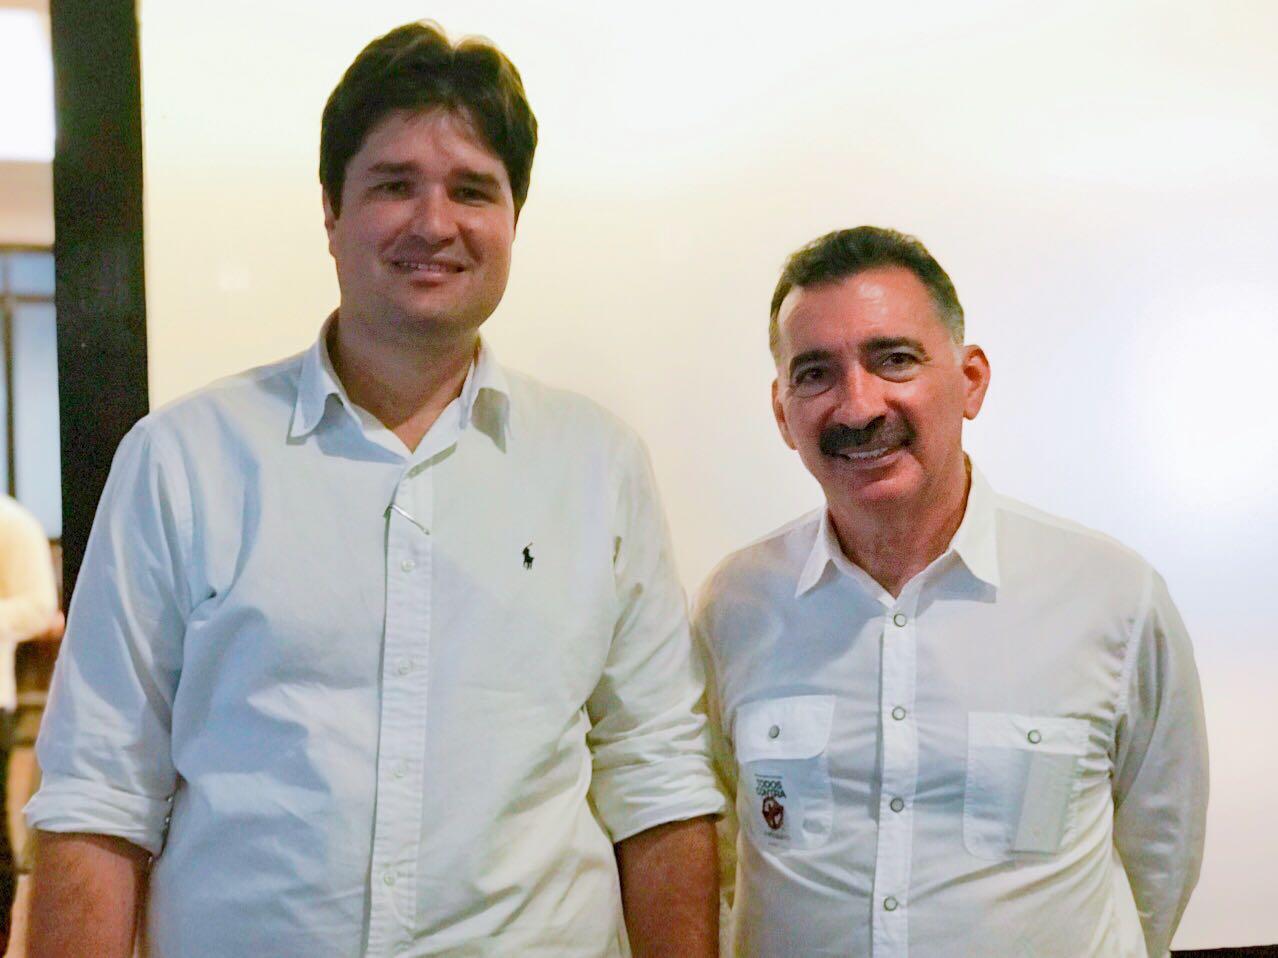 A Associação de Jovens Empresários do Ceará (AJE) passou a integrar o rol de entidades que formam o Pacto pelo Cocó, uma articulação da sociedade civil destinada a recuperar o rio, um dos principais mananciais do Estado.